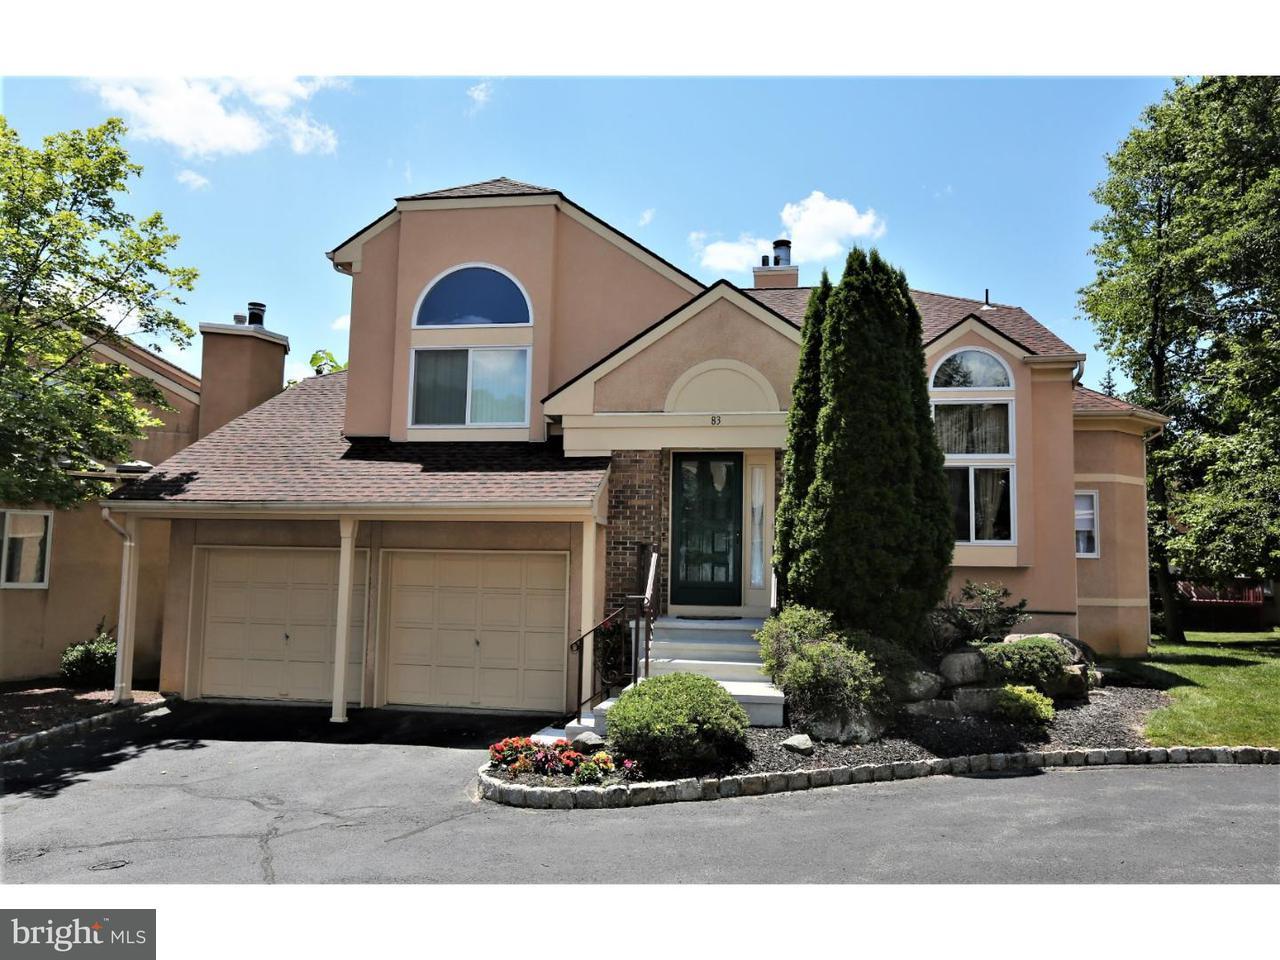 Σπίτι στην πόλη για την Πώληση στο 83 KINGSLAND Circle Monmouth Junction, Νιου Τζερσεϋ 08852 Ηνωμενεσ ΠολιτειεσΣτην/Γύρω: South Brunswick Township